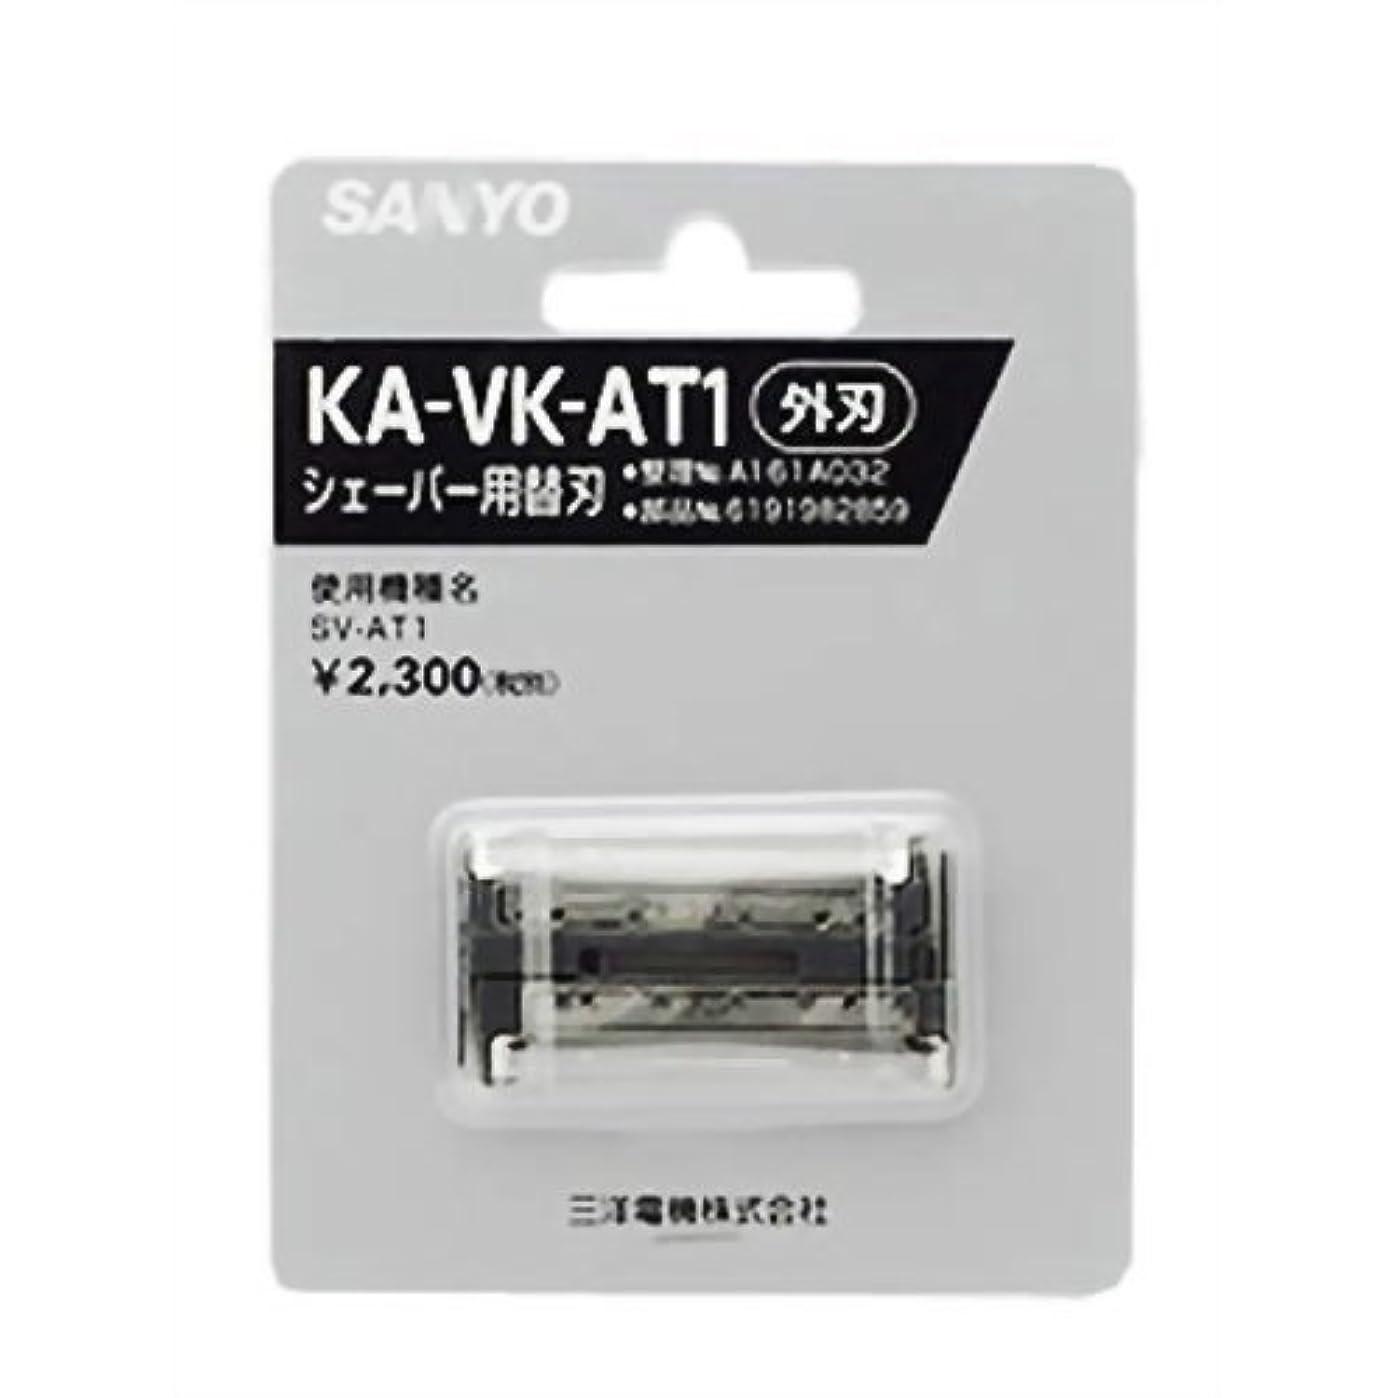 ピルファー官僚バッテリーSANYO メンズシェーバー替刃(外刃) KA-VK-AT1